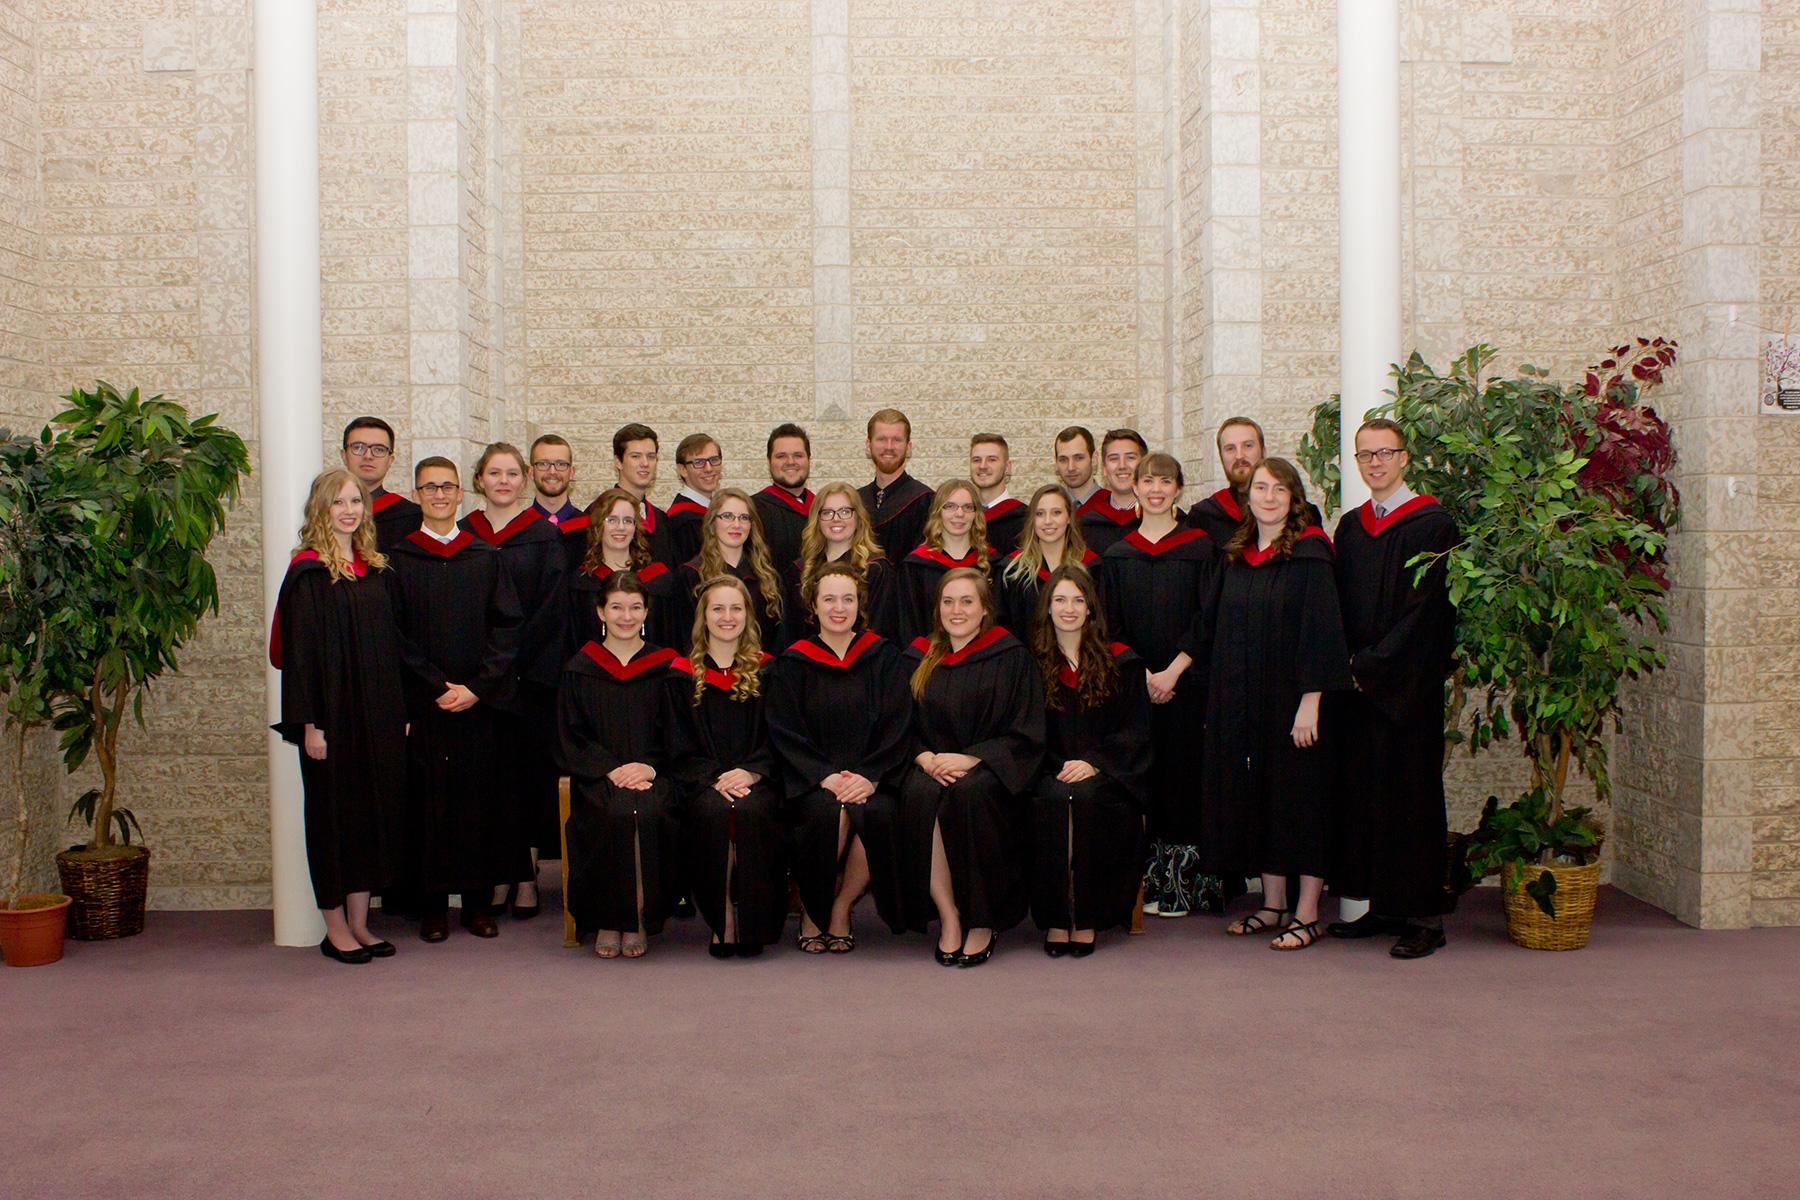 Steinbach Bible College graduation 2017 - Mennonite Brethren Herald